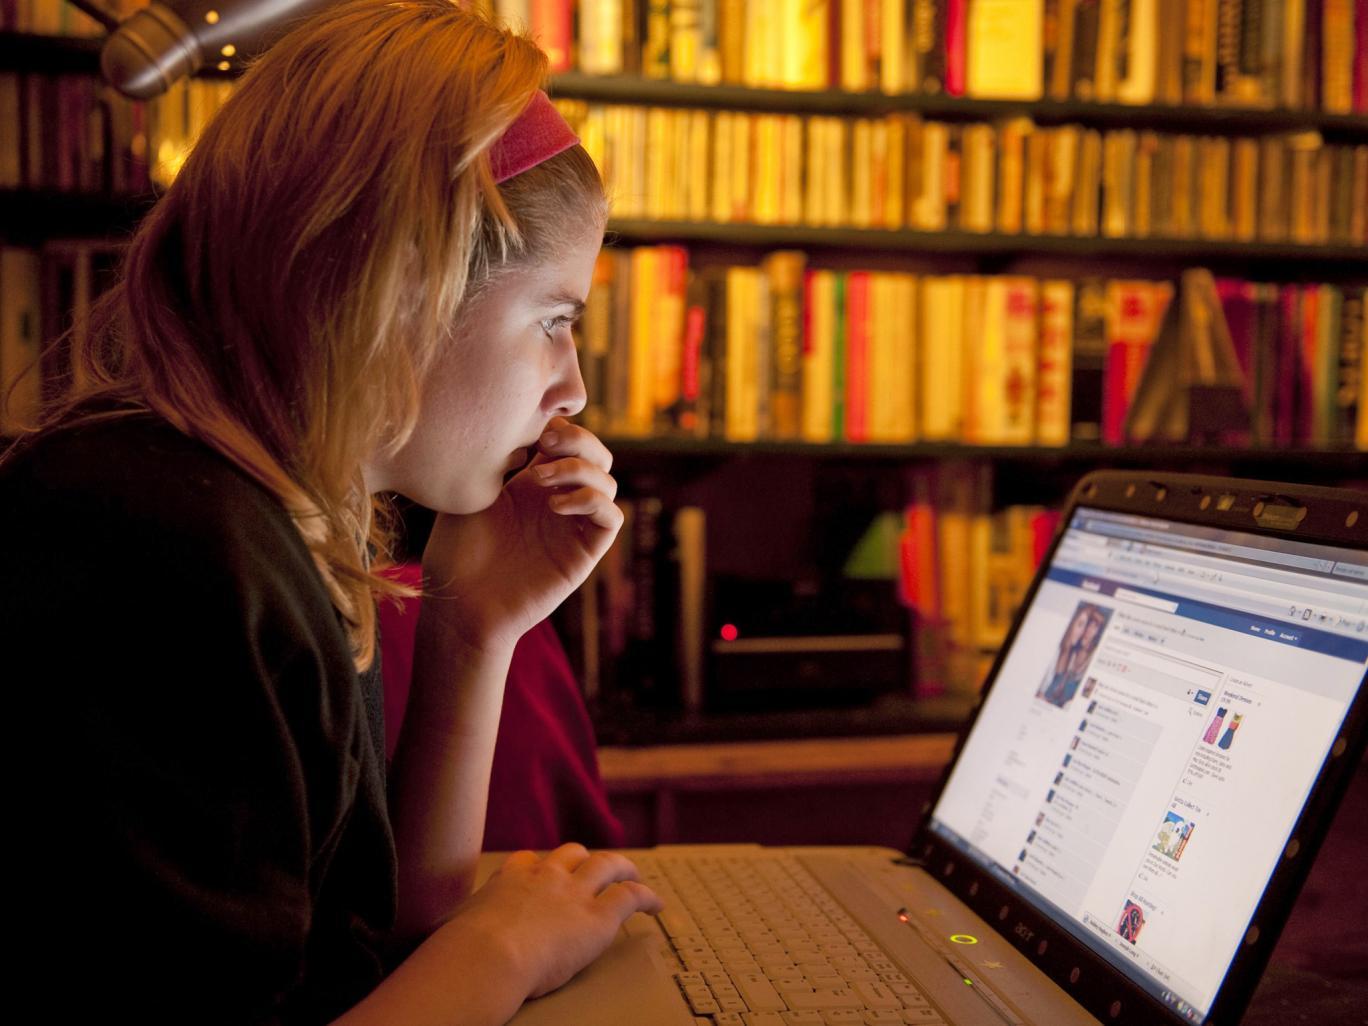 web-internet-teens-rex